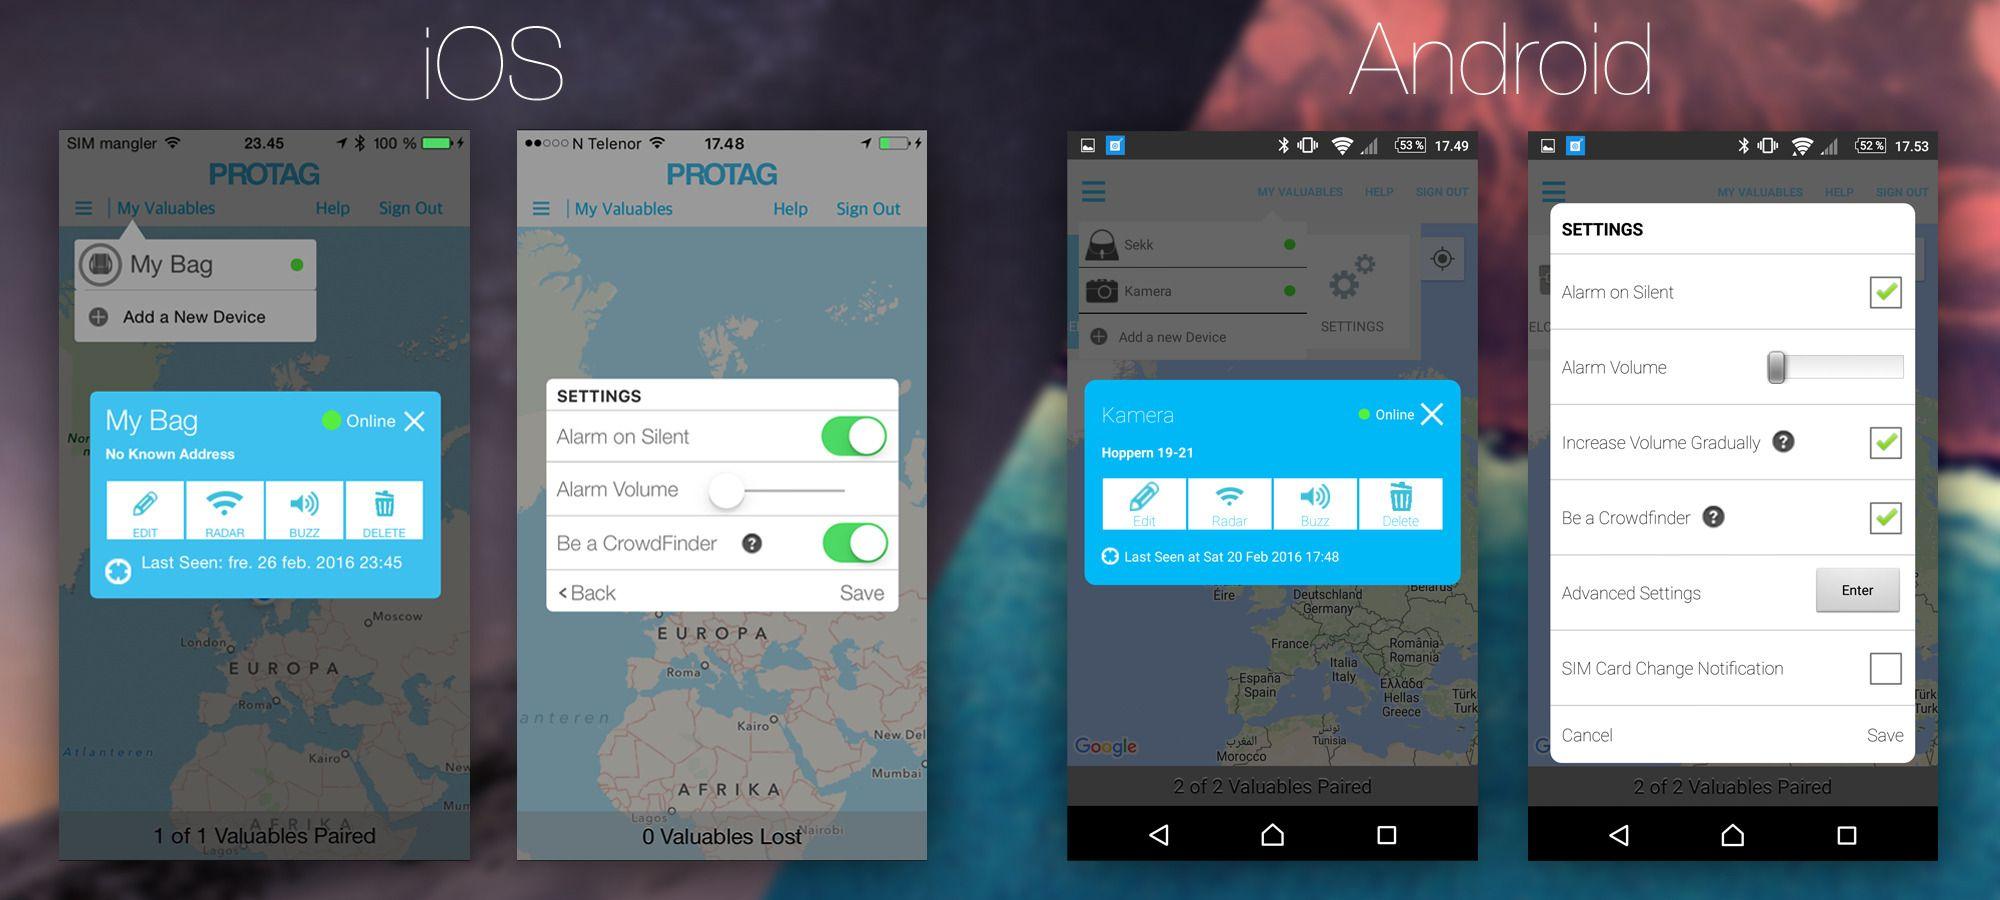 Protag-appen ser nokså lik ut på Android og iOS, men innstillingsmenyen er radikalt annerledes – både funksjonelt og designmessig.